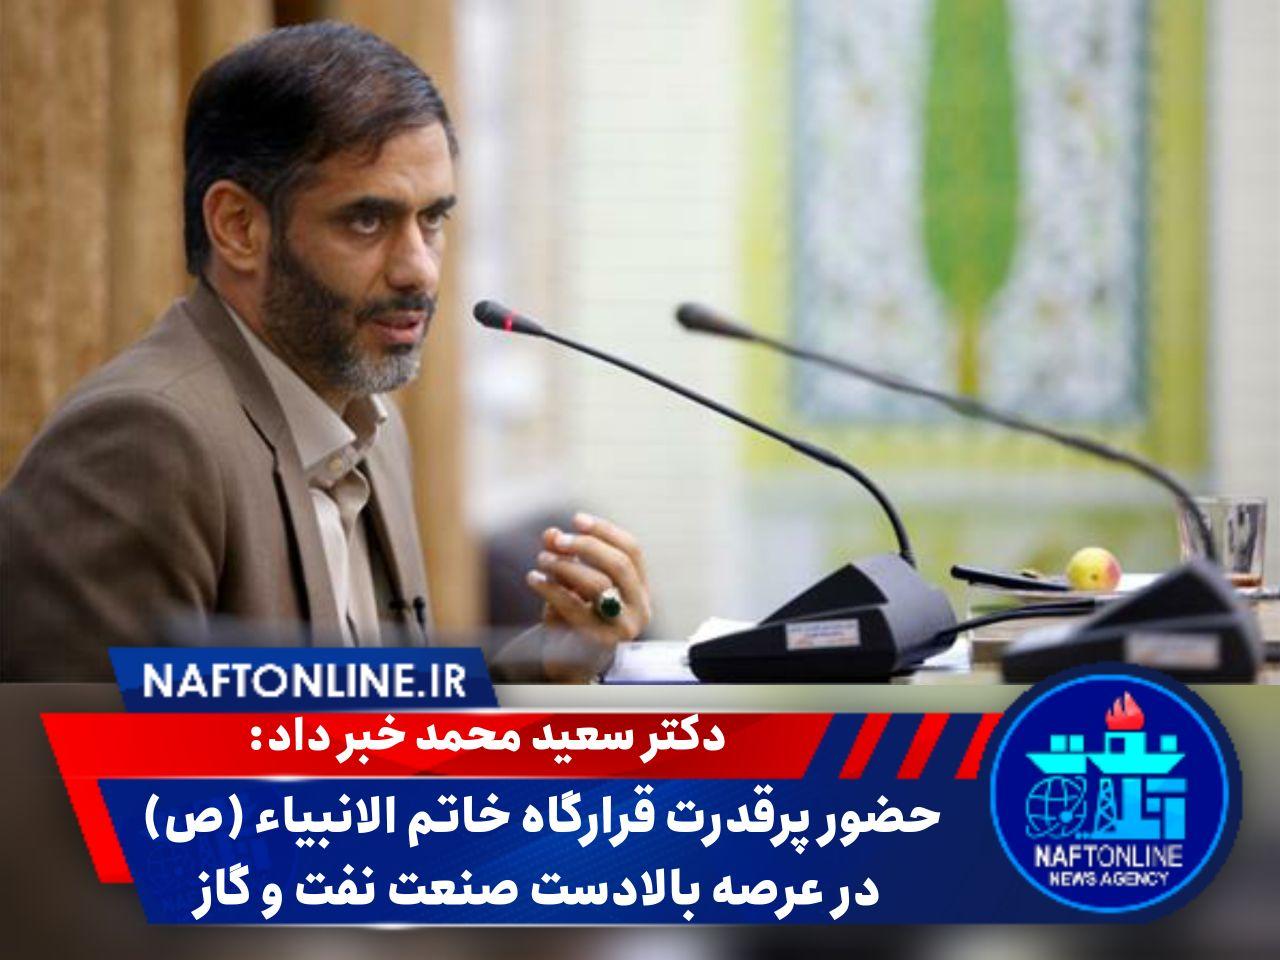 دکتر سعید محمد | فرمانده قرارگاه خاتم الانبیا سپاه | نفت آنلاین